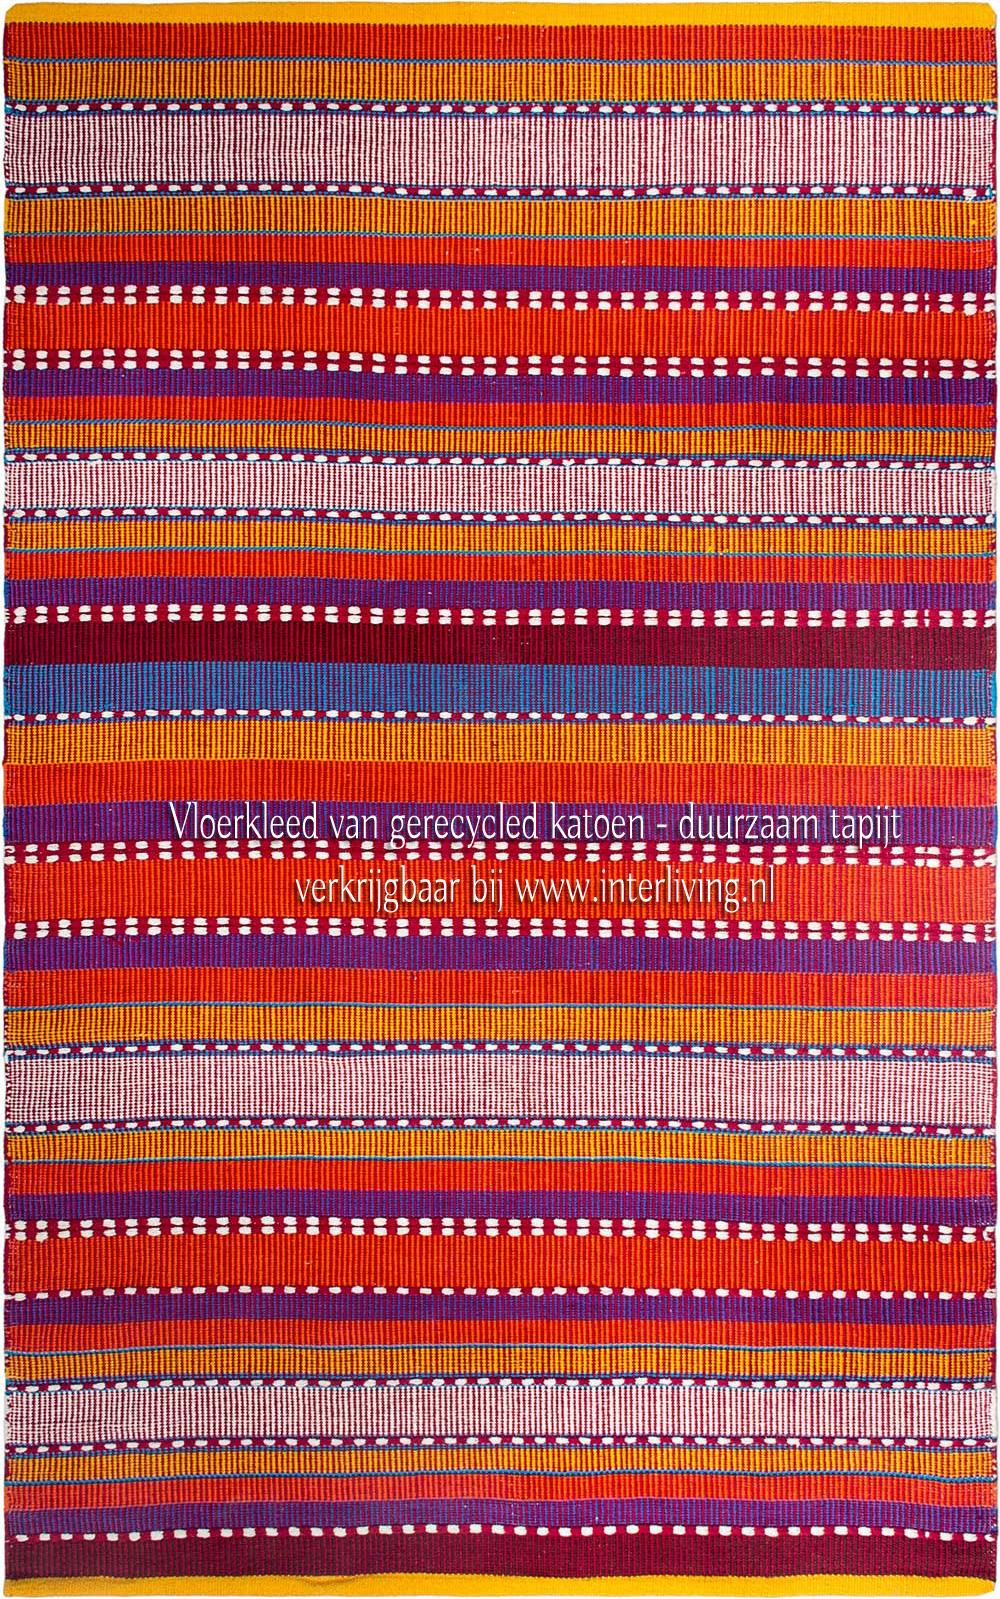 duurzaam Boho vloerkleed - gerecycled katoen met streepjes patronen - vrolijke multi kleuren